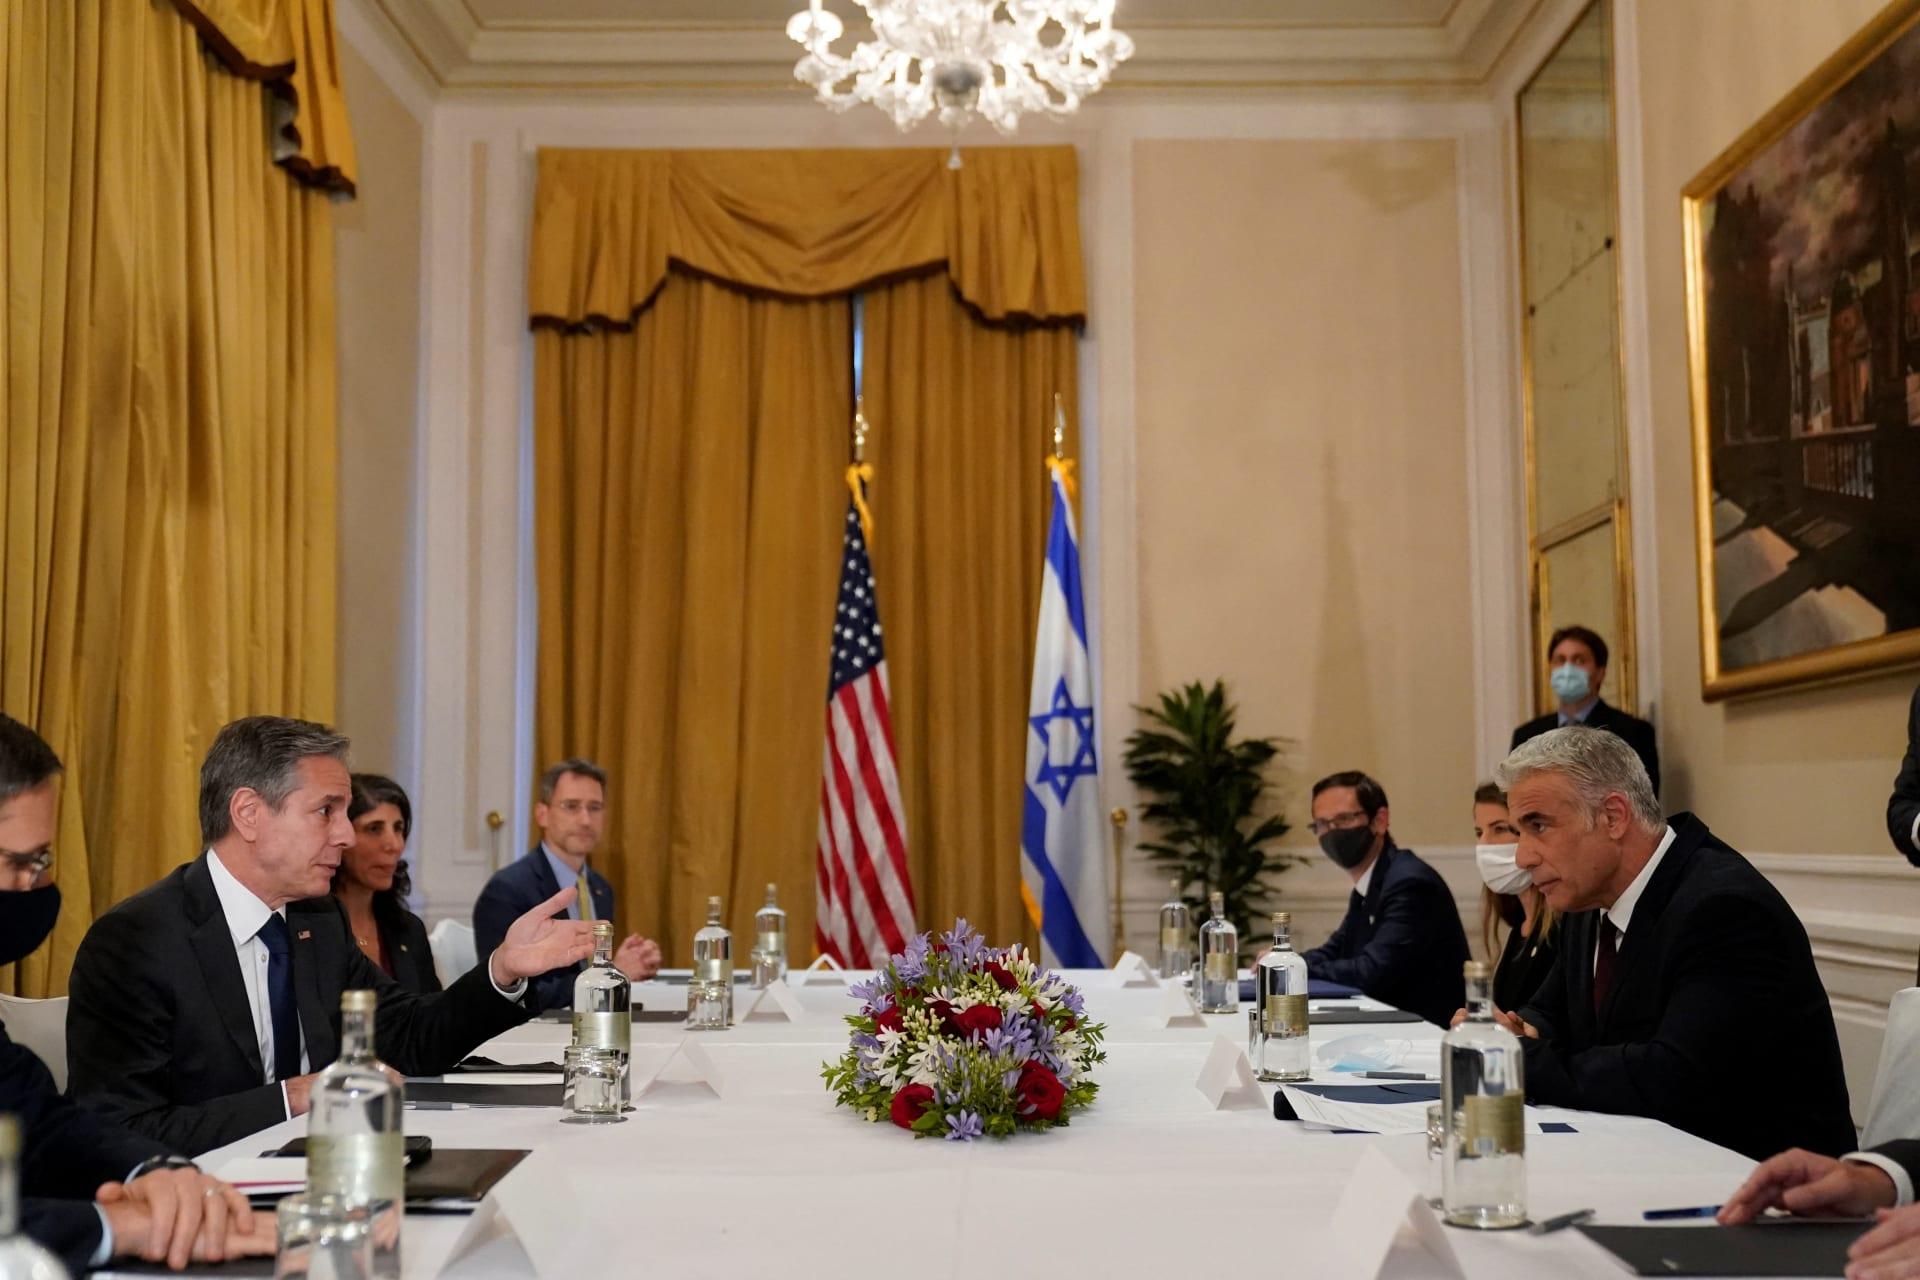 وزير الخارجية الأمريكي أنتوني بايدن ونظيره الإسرائيلي يائير لابيد